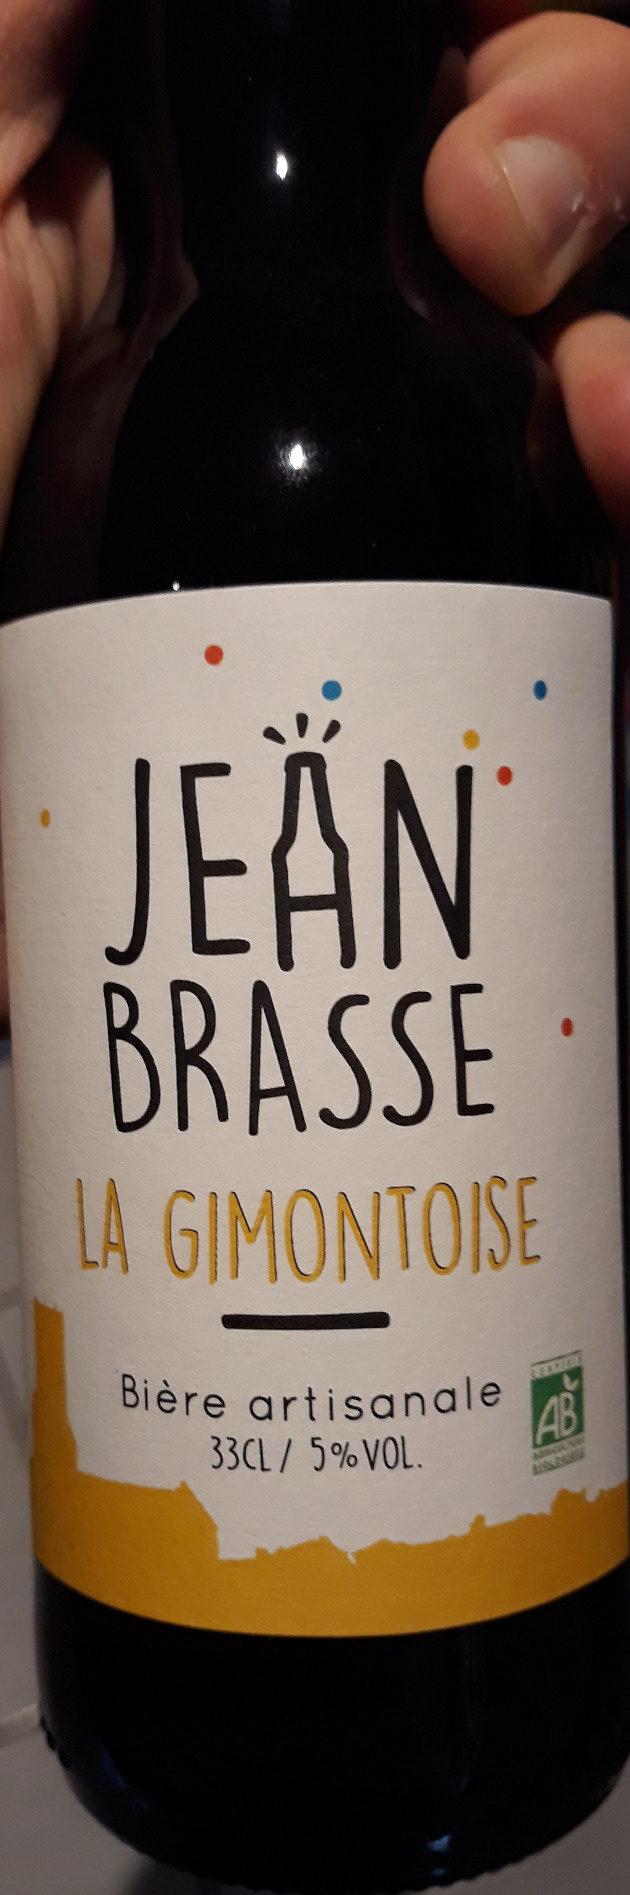 La Gimontoise - Product - fr